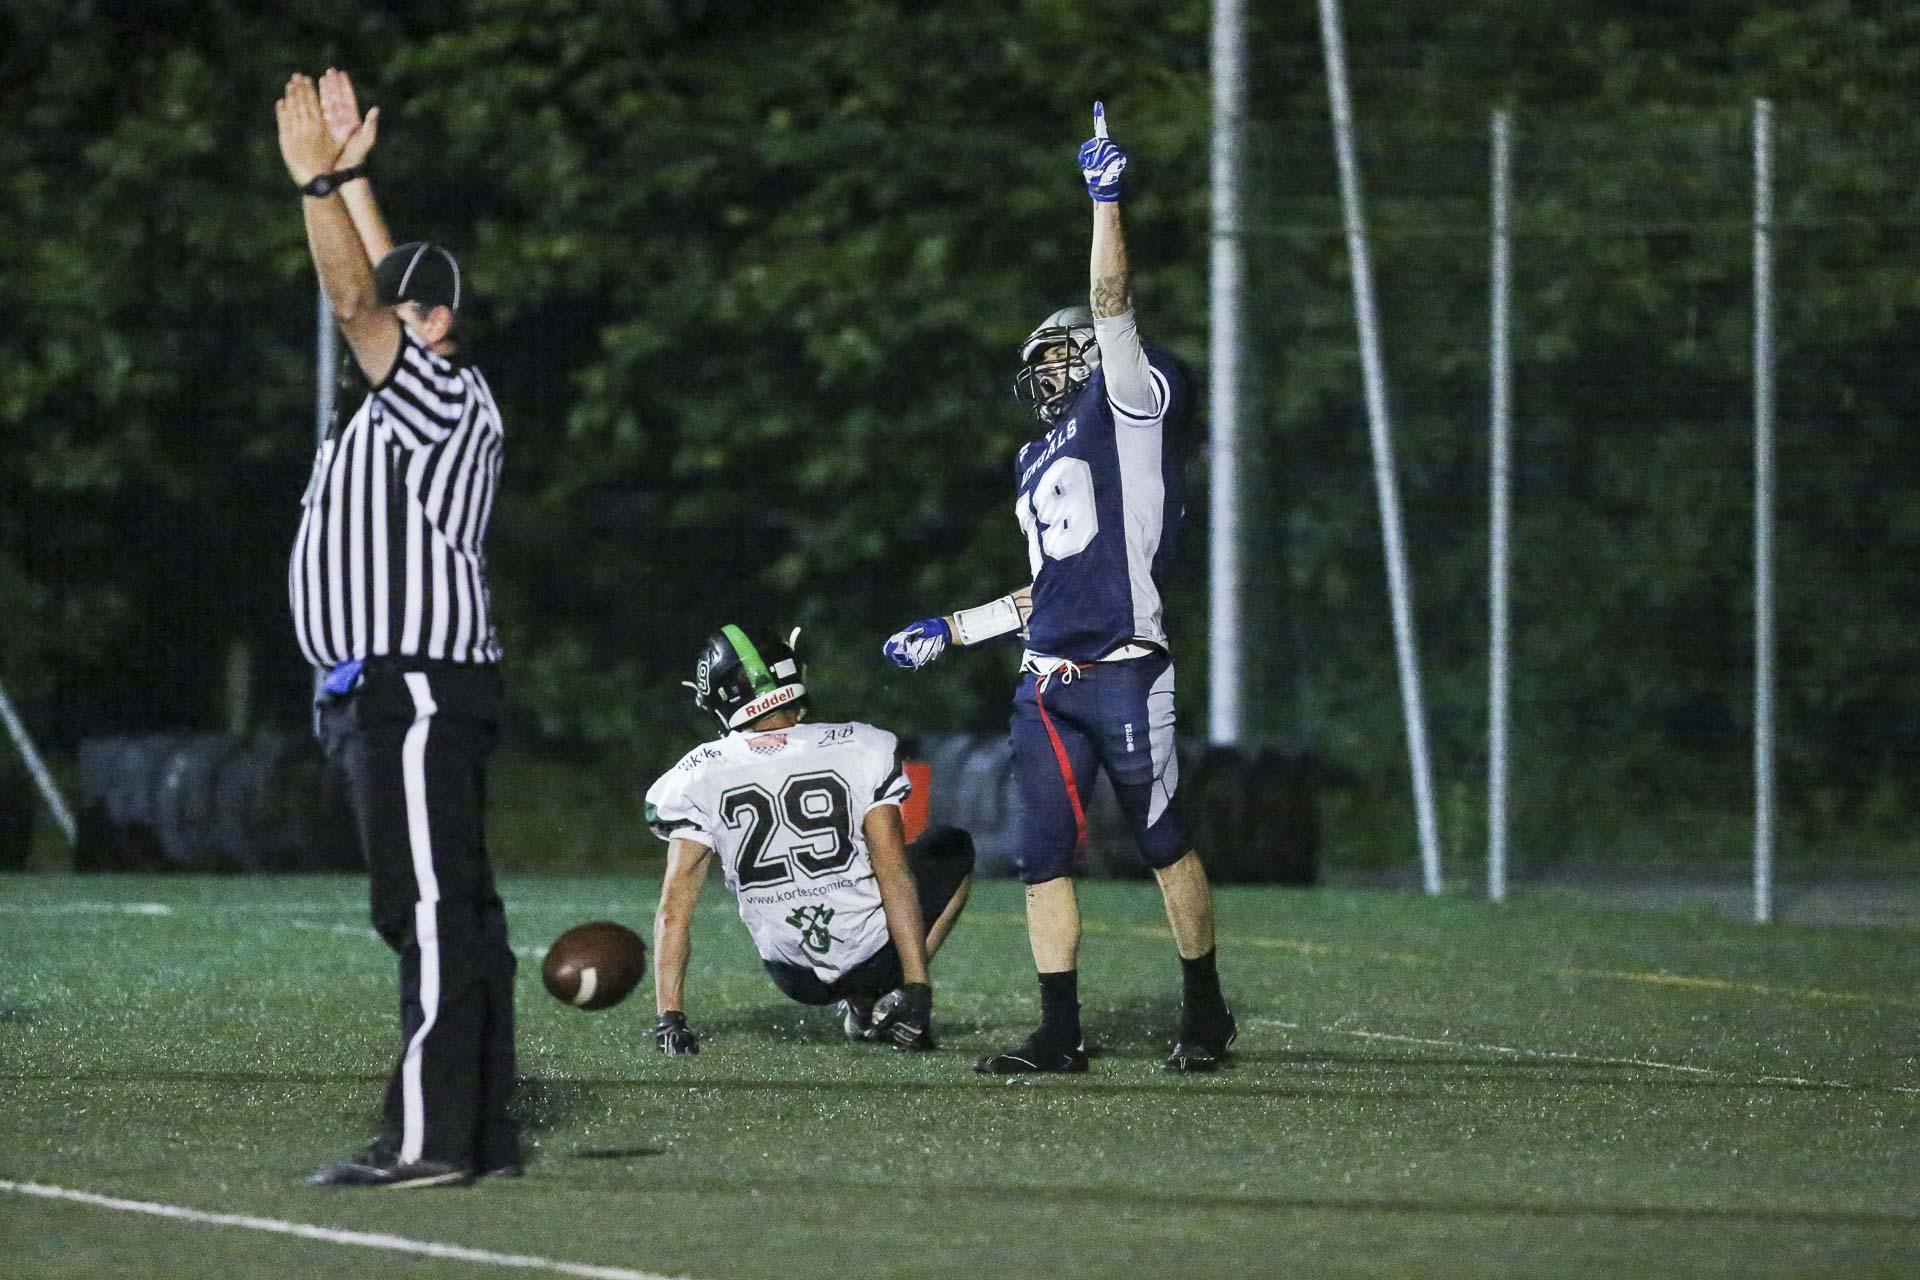 bengals-brescia-american-football-regole-touchdown_